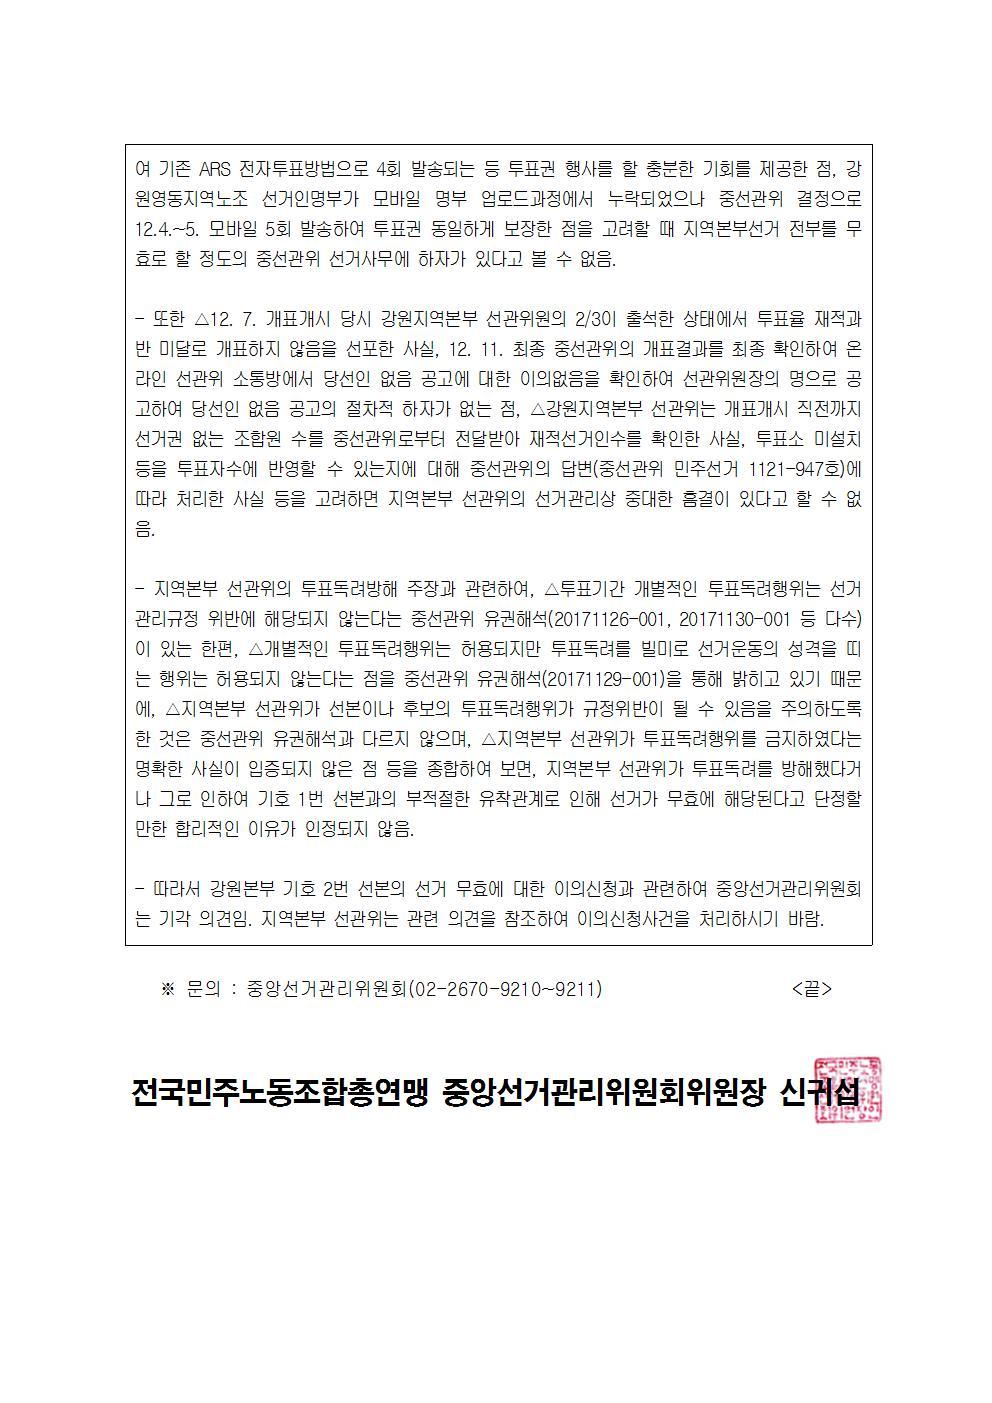 강원지역본부 기호2번 본부장후보의 이의신청에 대한 답변002.jpg